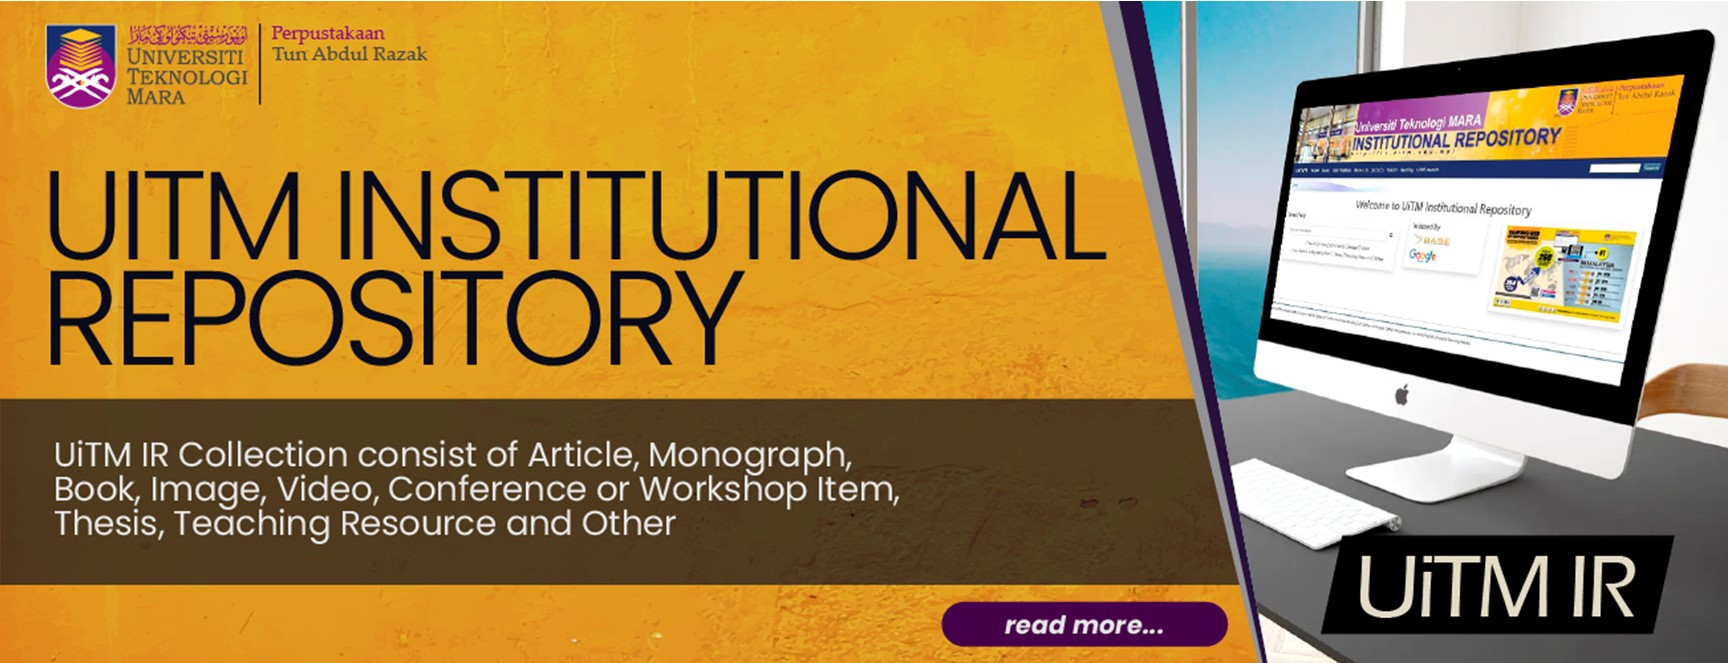 UiTM Institutional Repository